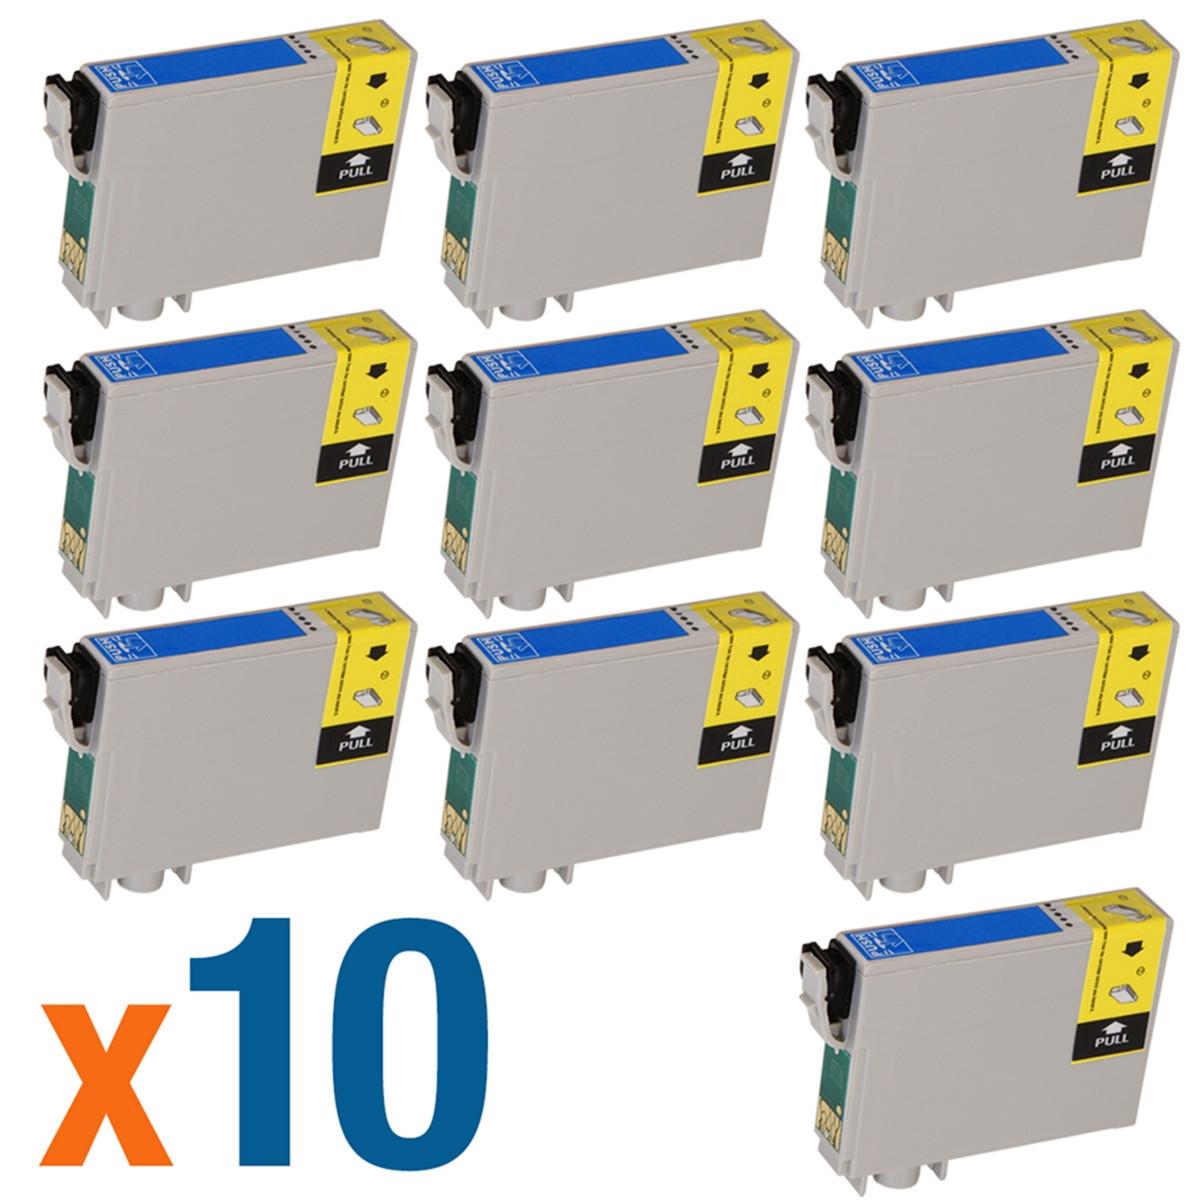 Kit com 10 Cartuchos de Tinta Epson T063220 T0632 T063 Ciano | CX7700 C87 CX3700 C67 | Compatível